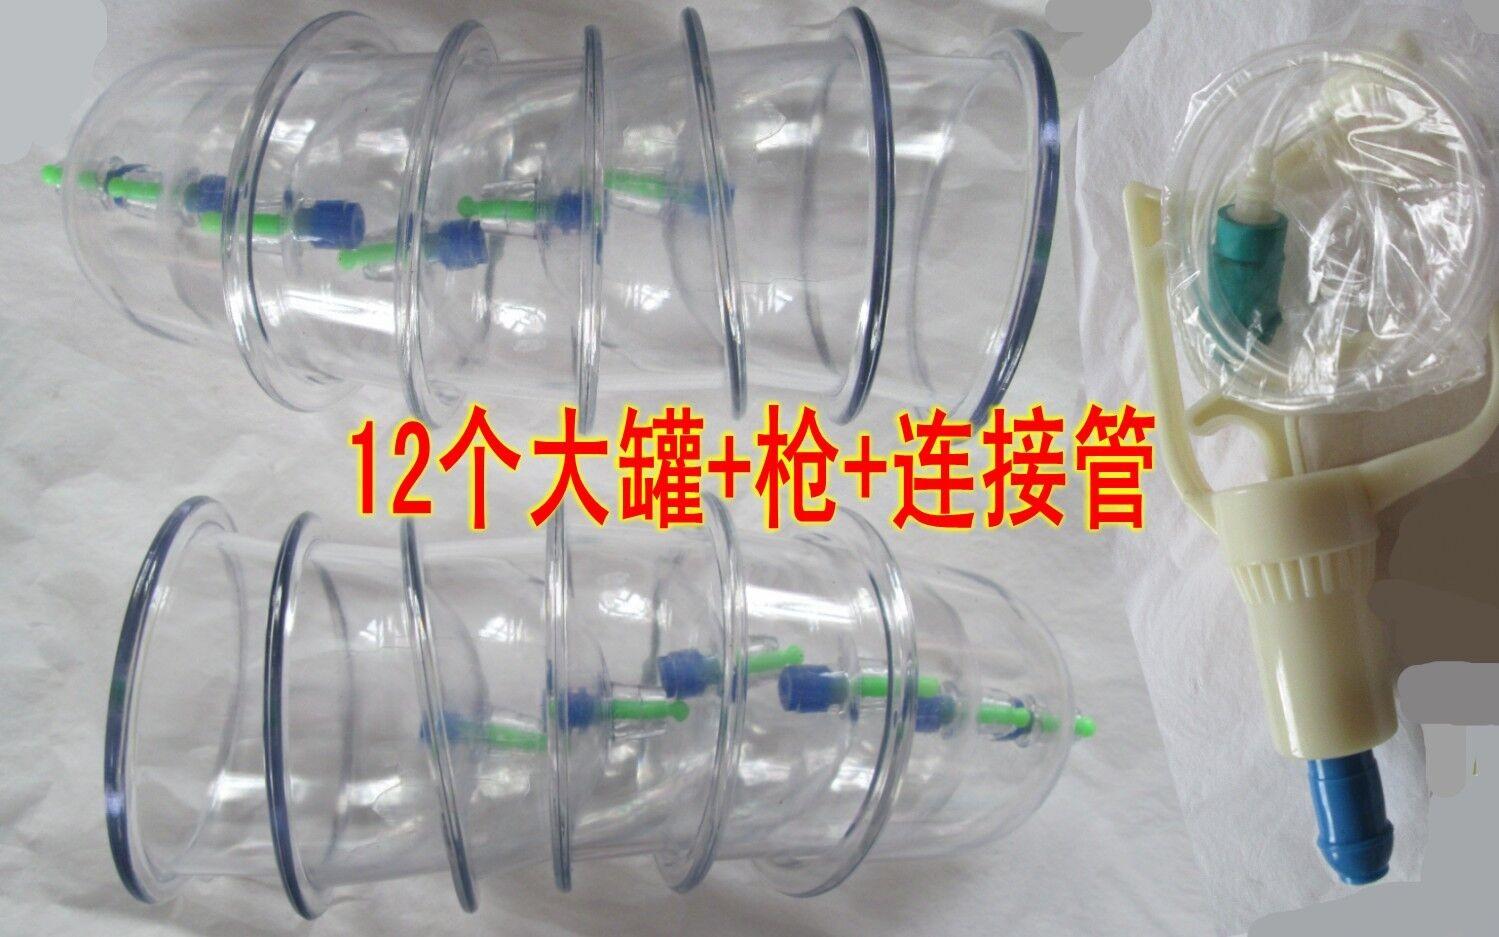 12 шт. большой 6,7 см чашка китайский Медицинский Вакуумный массажер для тела Магнитный акупунктурный насос Cupping портативный массаж терапия + ...